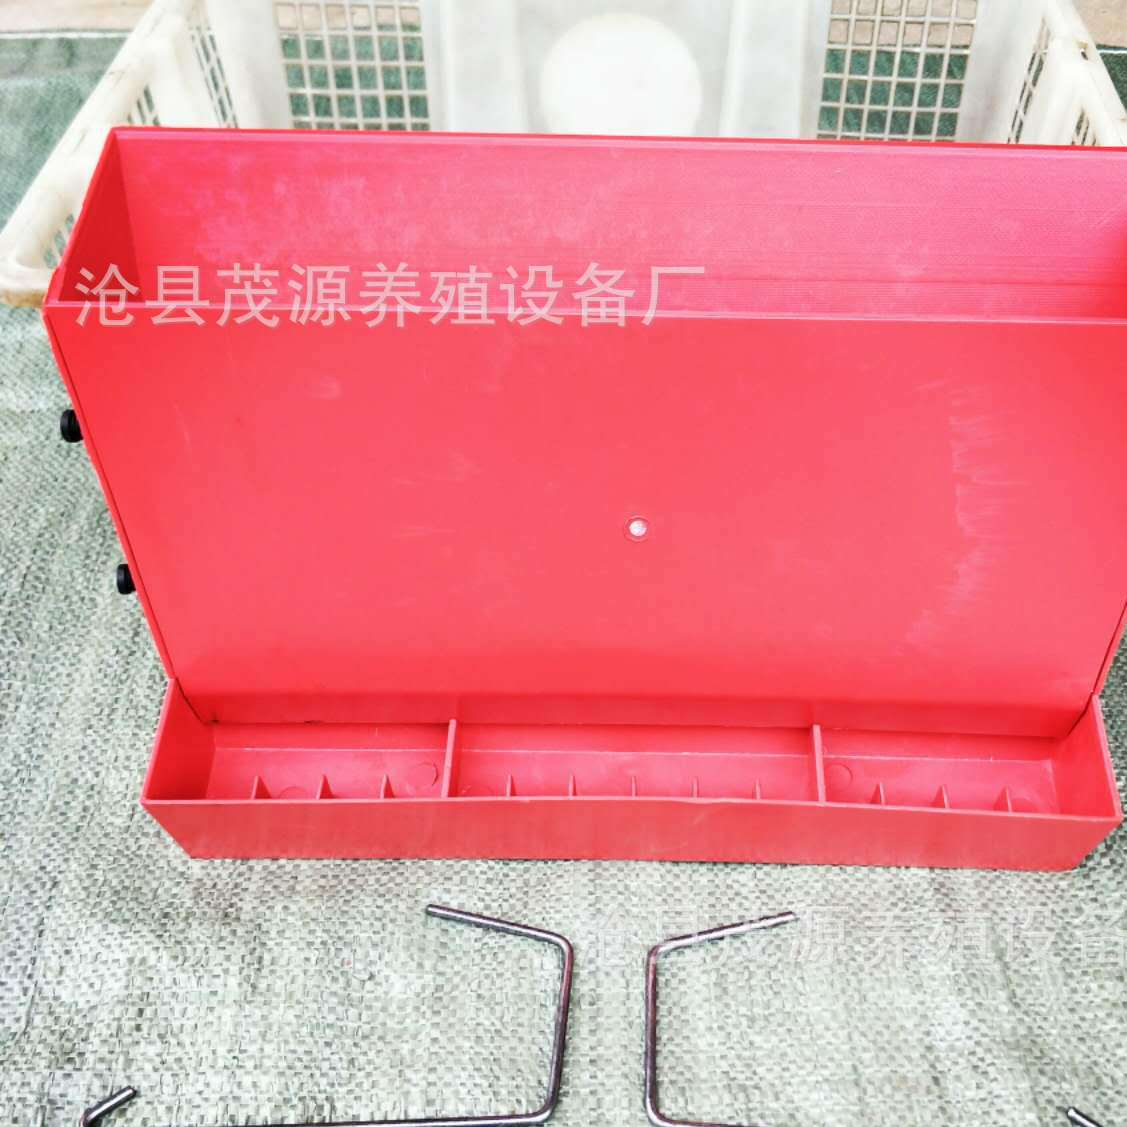 茂源塑业生产 鹌鹑养殖设备 鹌鹑笼专用下料器 半自动食槽 料槽